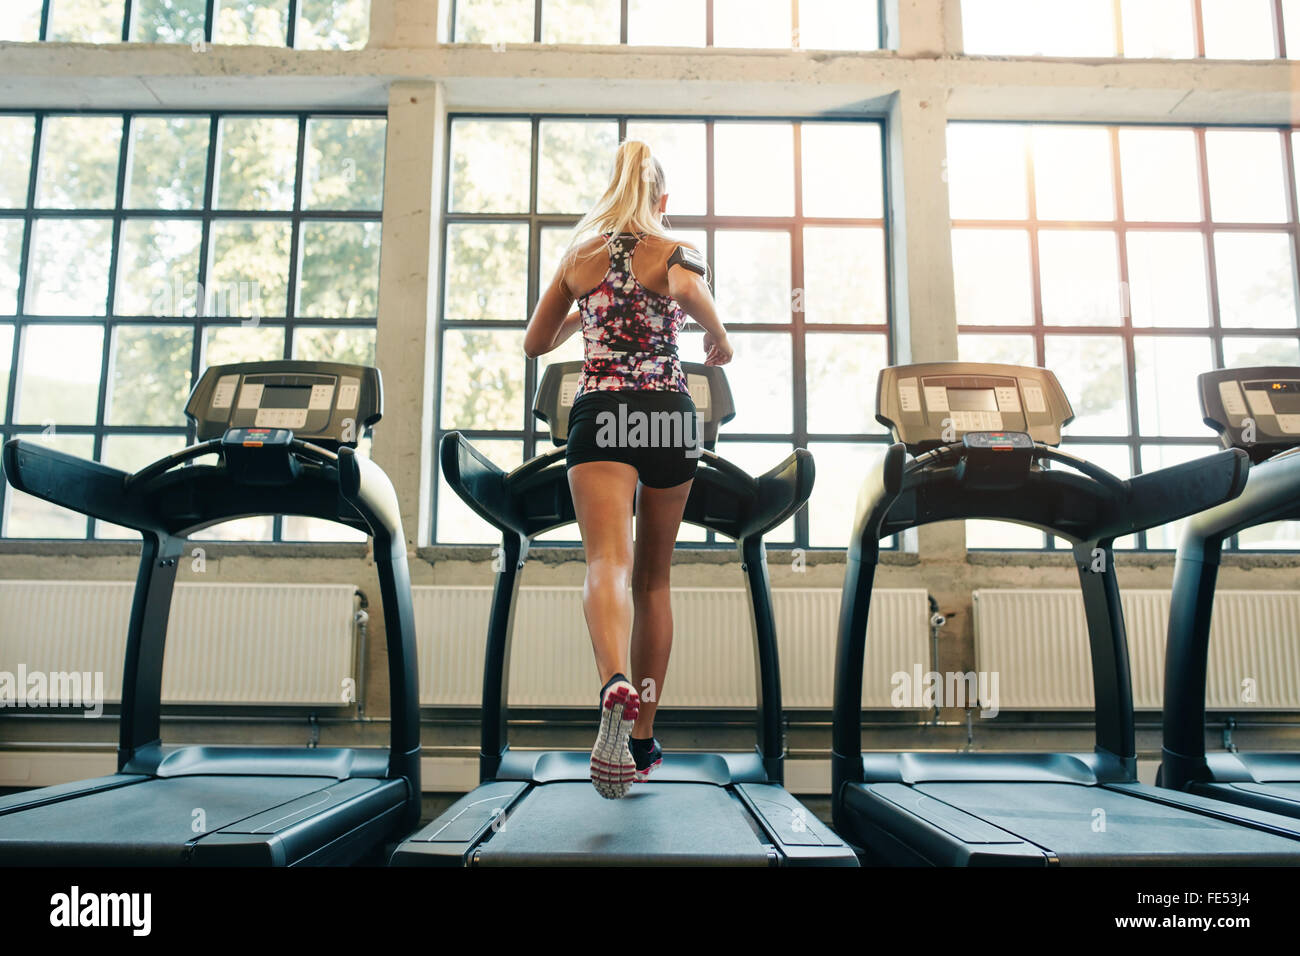 Inquadratura orizzontale di donna jogging sul tapis roulant al club della salute. Lavoro femminile in una palestra Immagini Stock